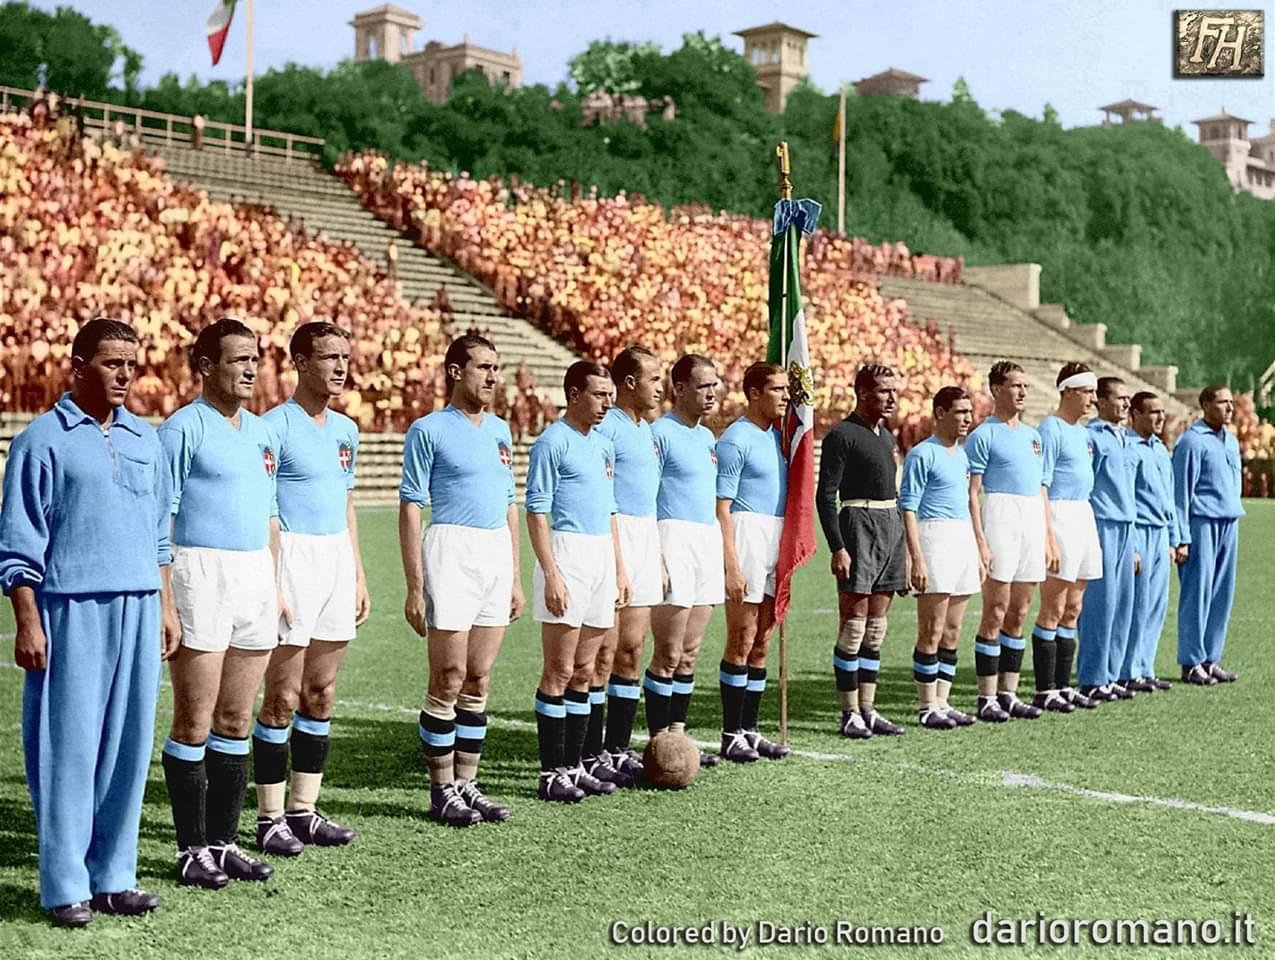 G.V 2 BANDIERE ITALIANE ITALIA TRICOLORE NAZIONALE TIFO CALCIO RUGBY SEI NAZIONI ALTA QUALITA TESSUTO RESISTENTE